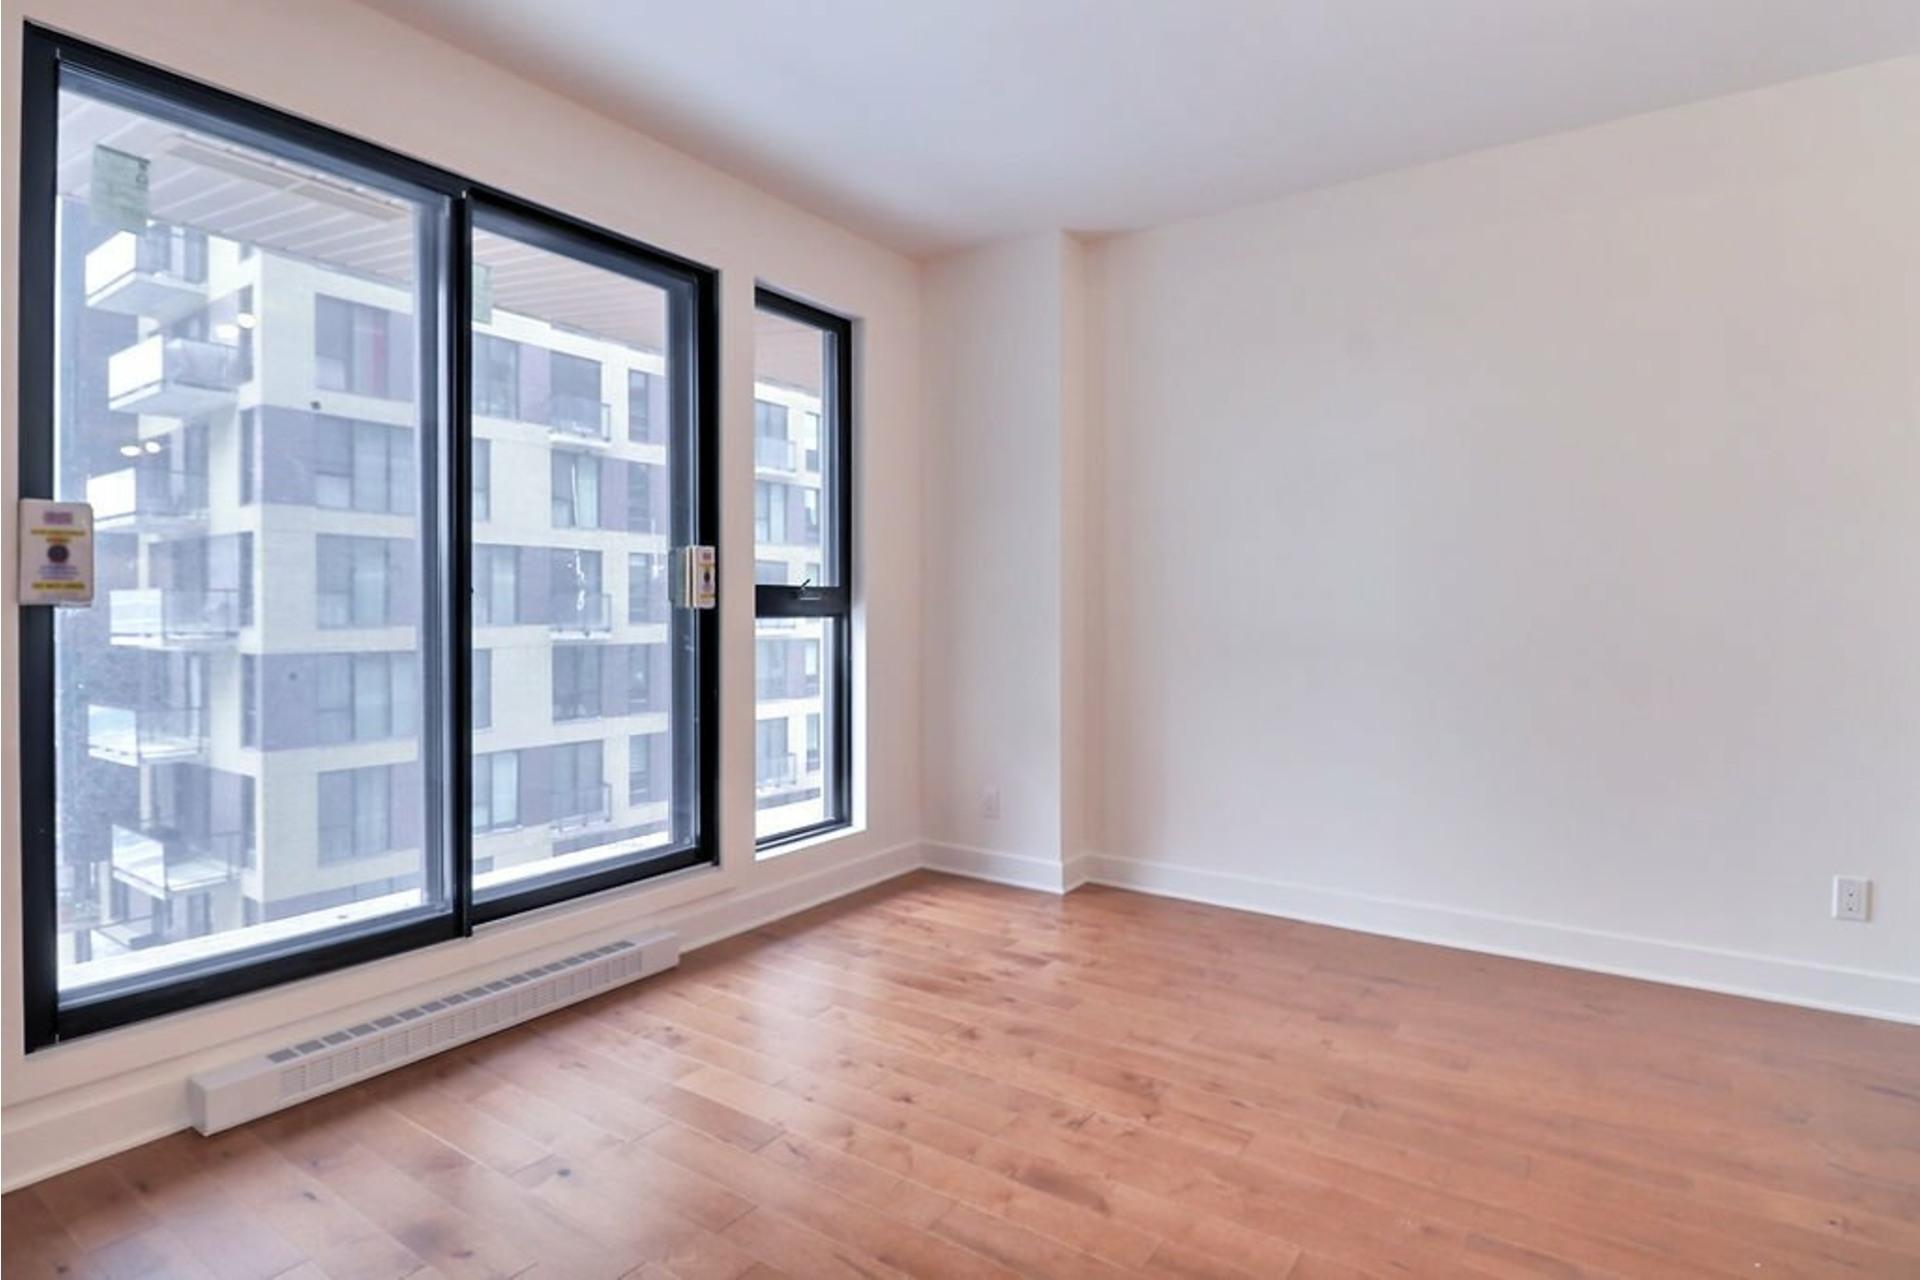 image 3 - Appartement À louer Le Sud-Ouest Montréal  - 1 pièce